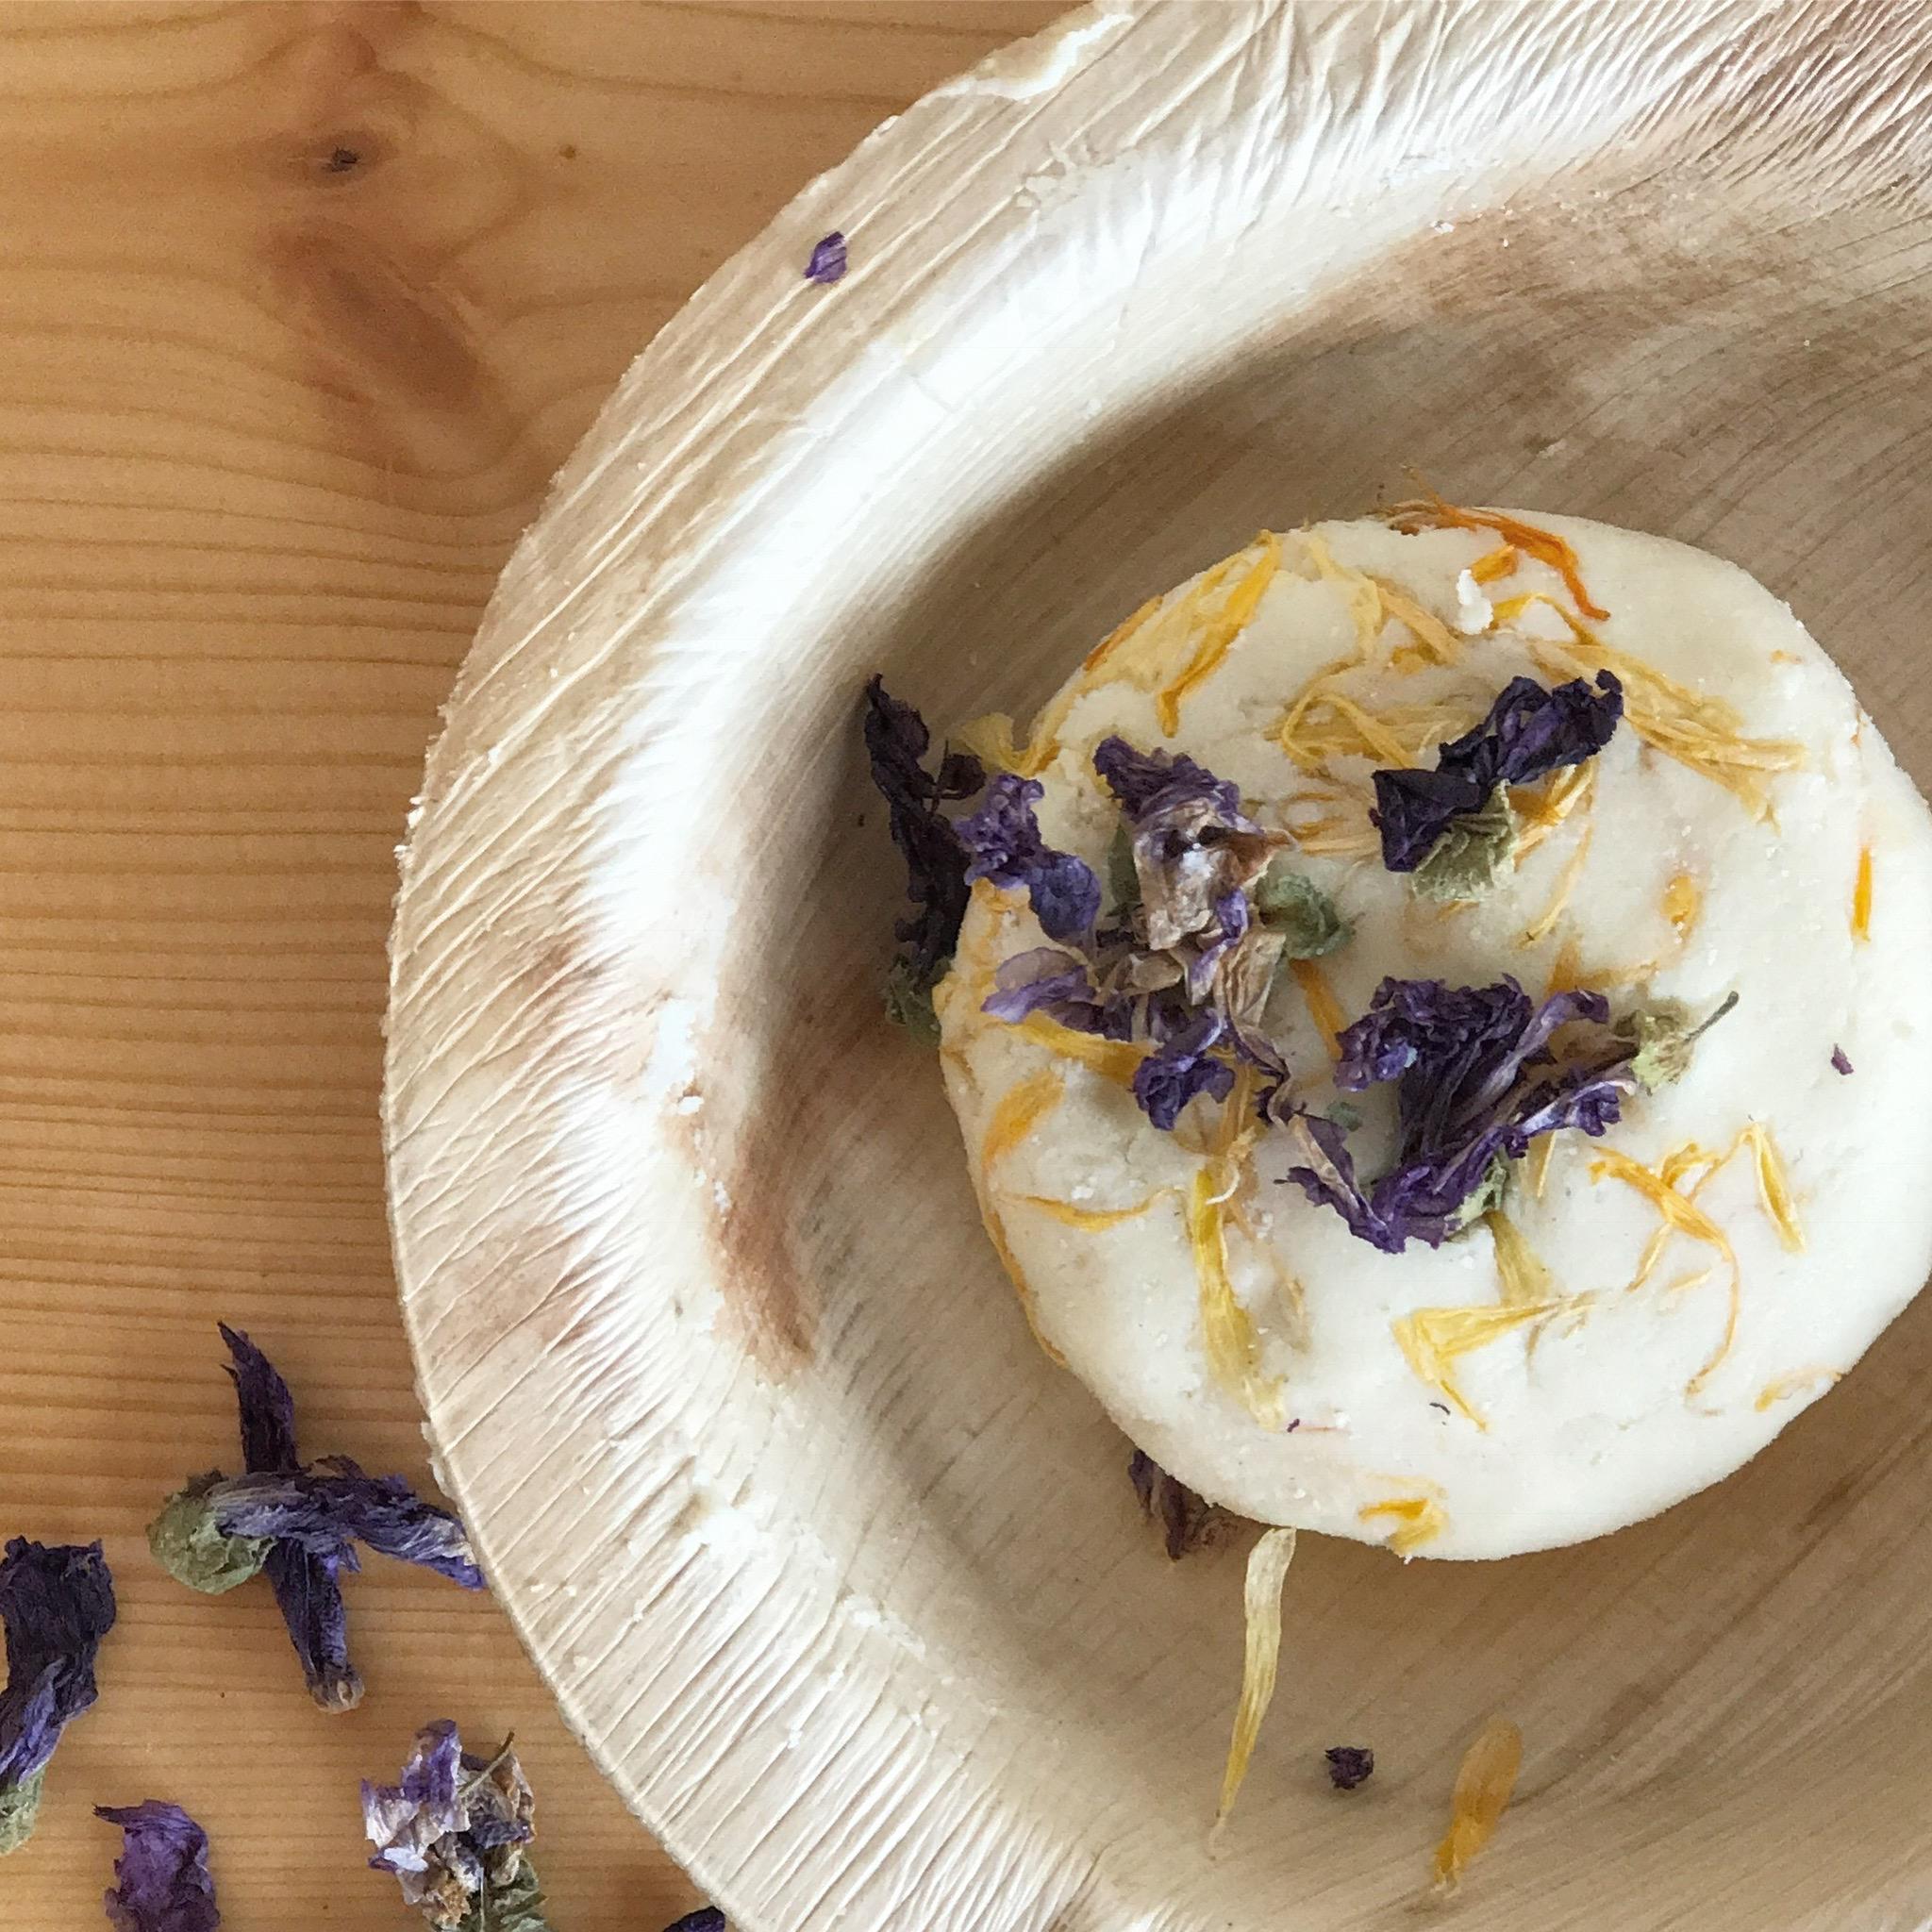 Ei Calendula Seifen Rezept ohne Kochen findet ihr auf www.elfenkindberlin.de